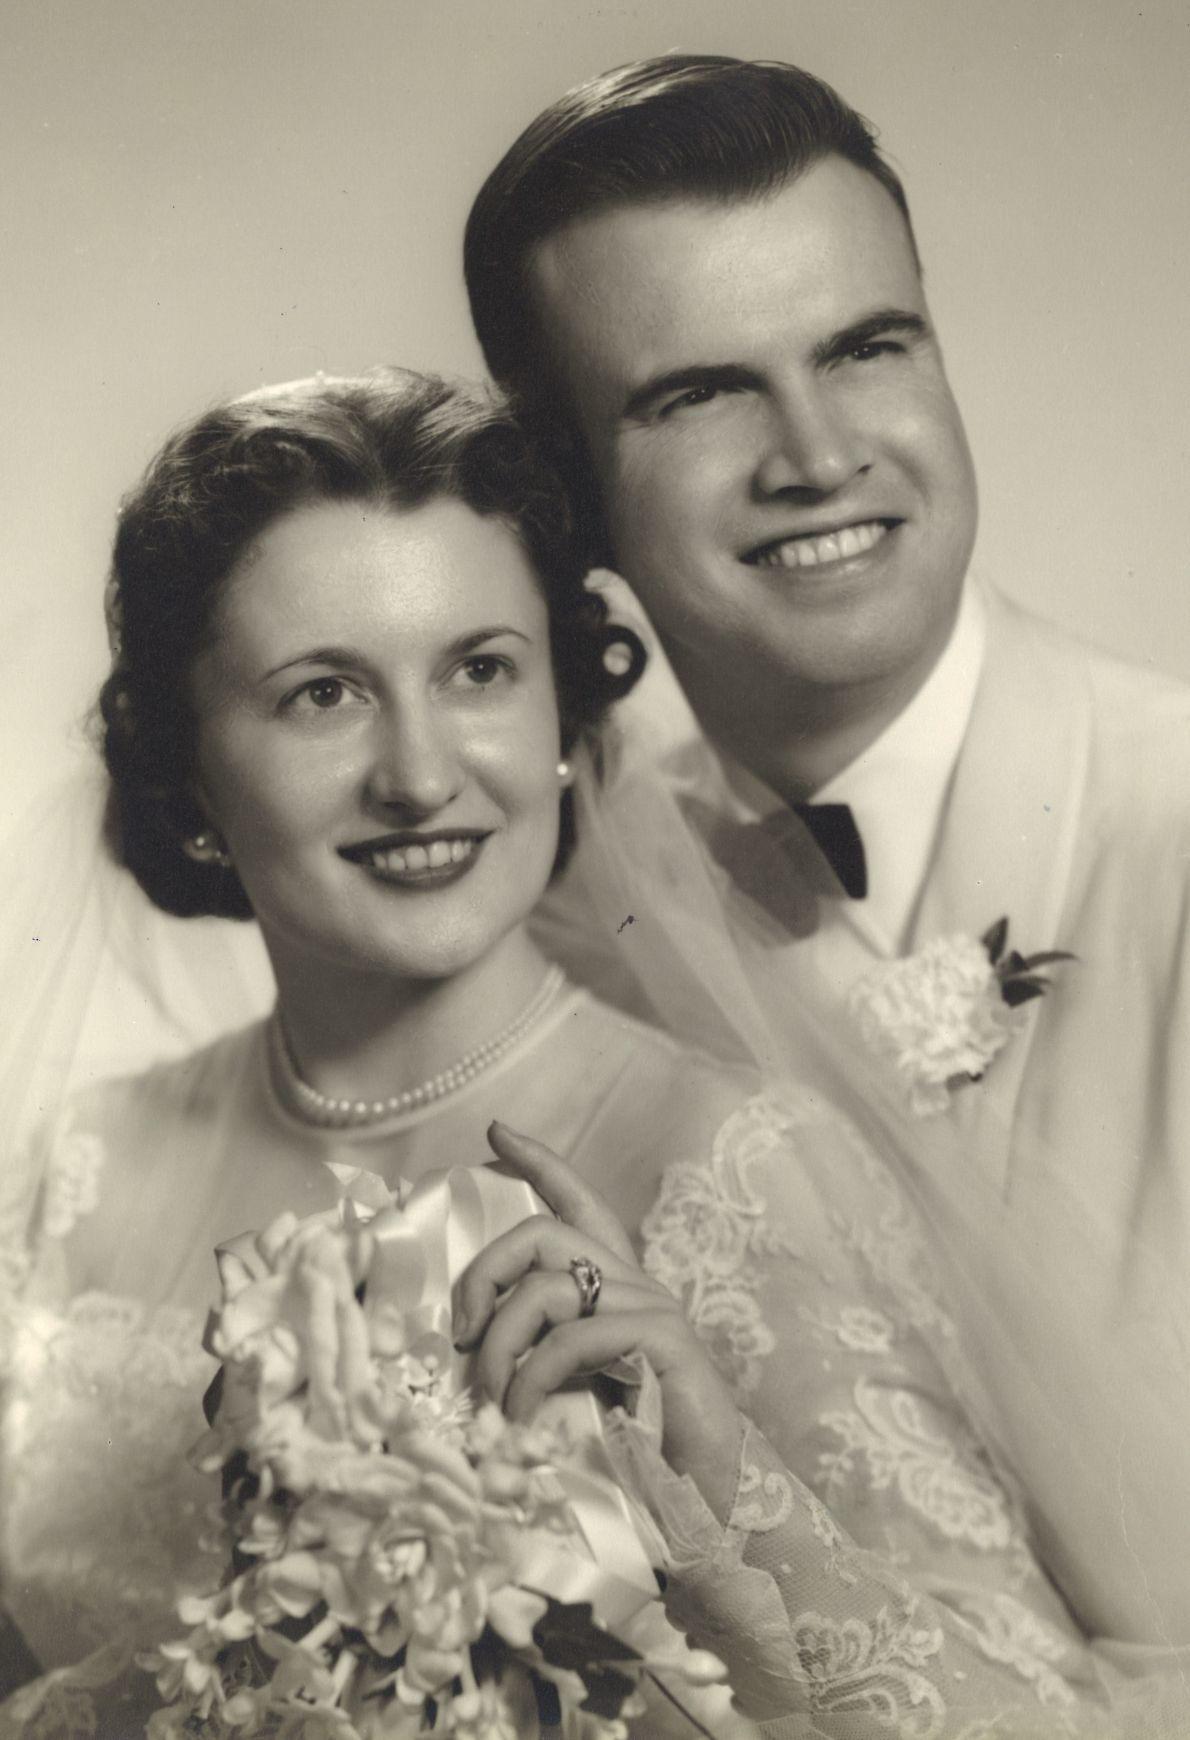 Mr. and Mrs. Howard Schilke